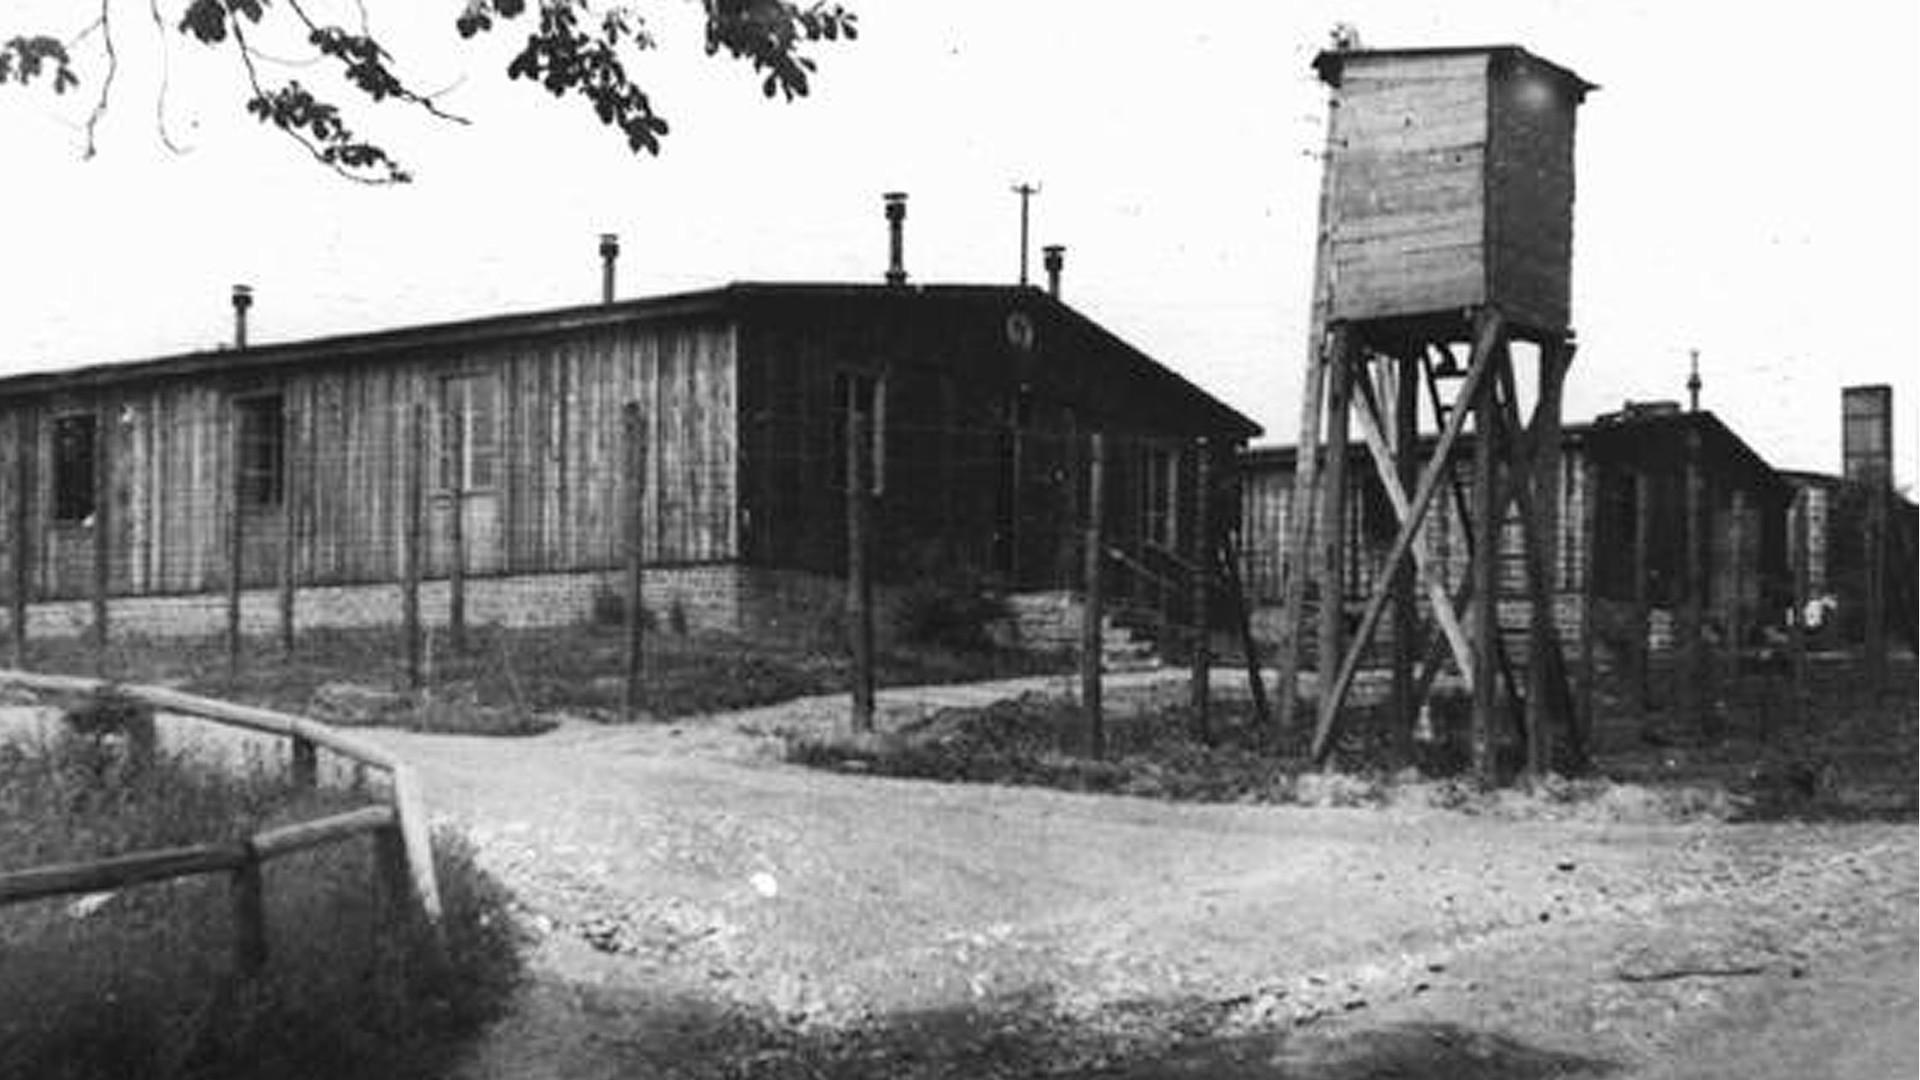 Дань памяти: австрийцы против строительства колбасного завода на месте нацистского лагеря